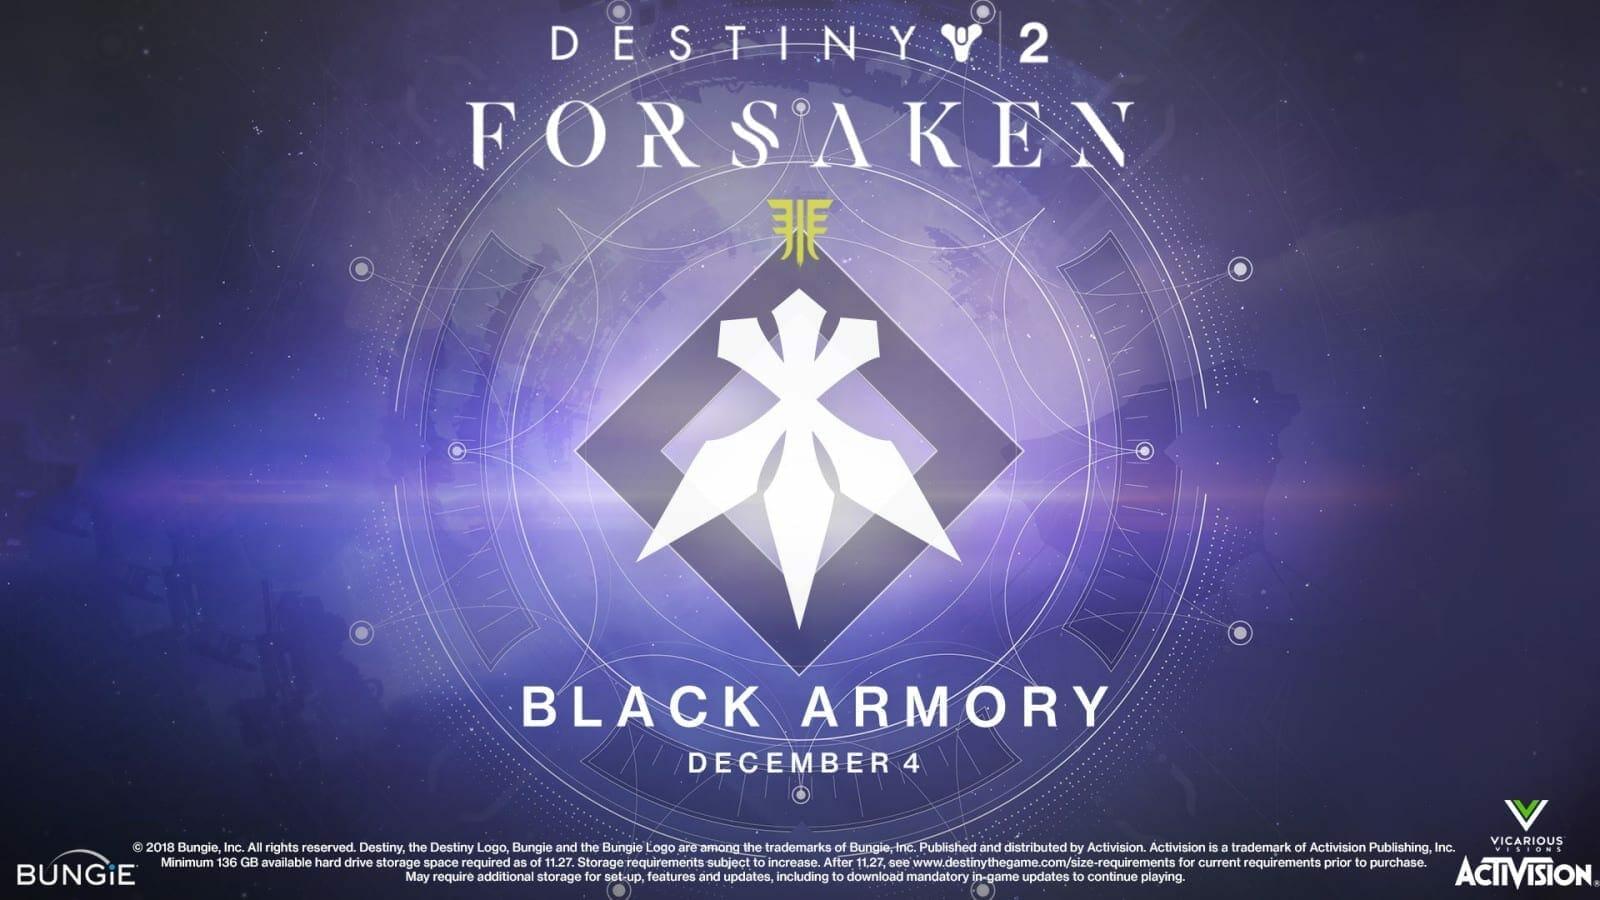 Destiny 2 Forsaken: Black Armory Release Date